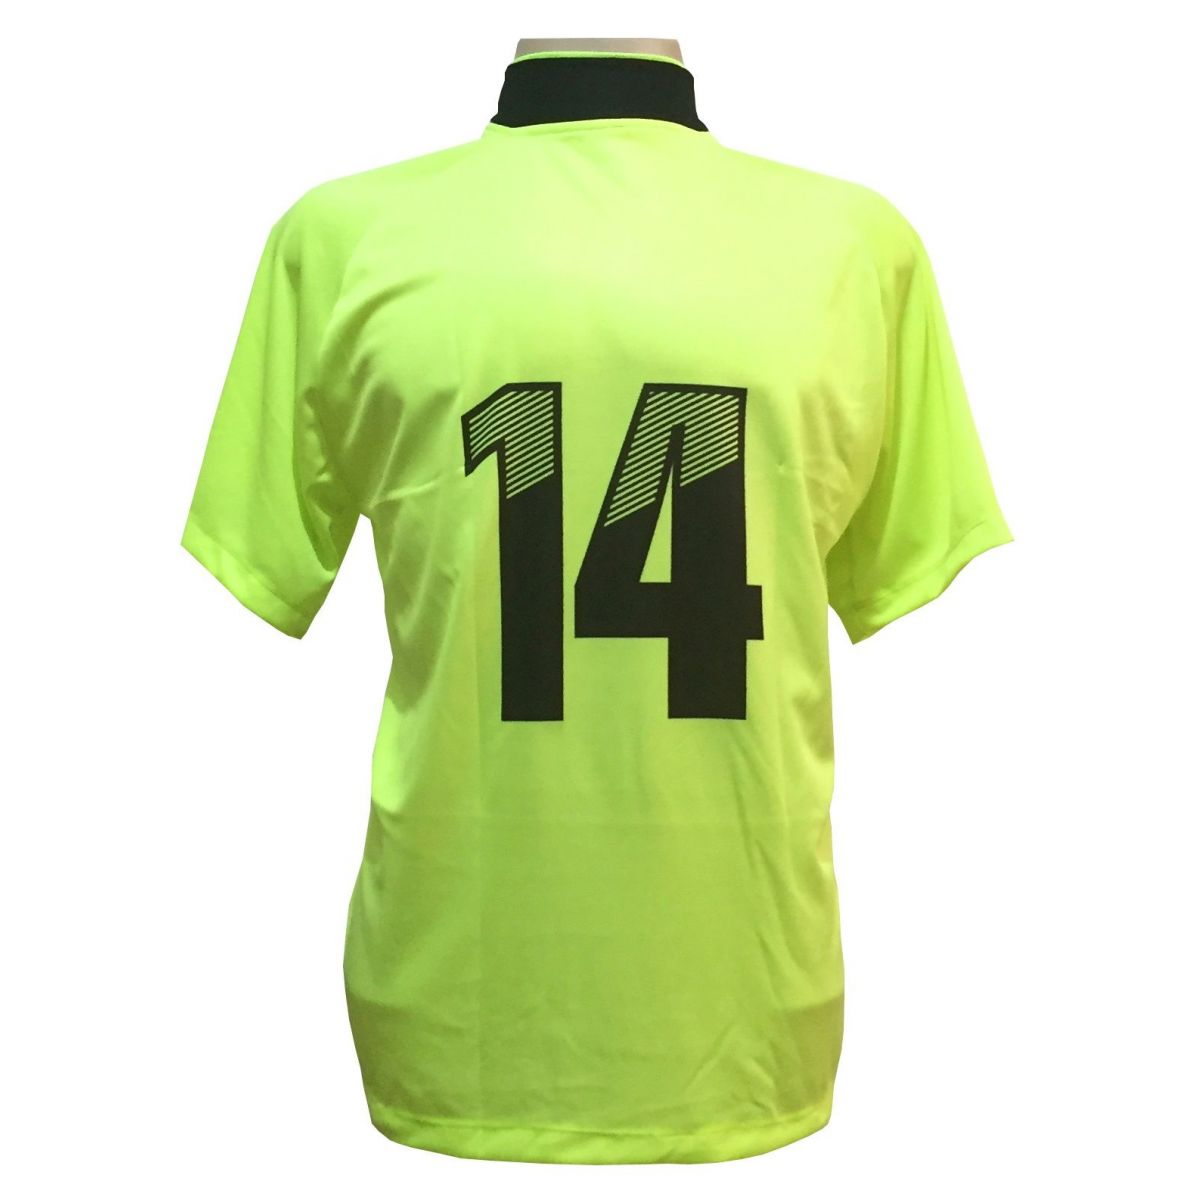 Jogo de Camisa com 12 unidades modelo Milan Limão/Preto